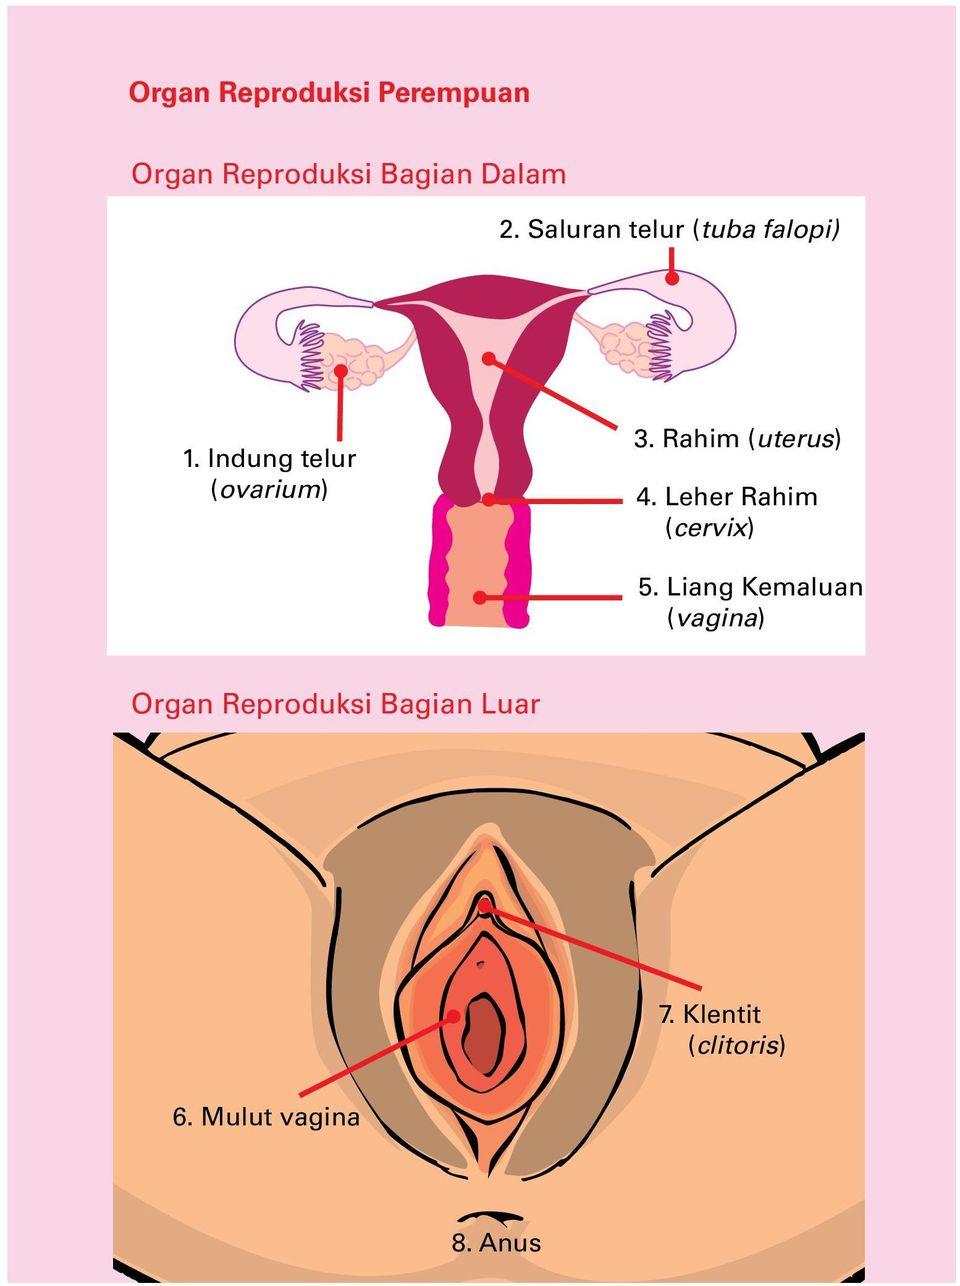 Penyebab Sperma Tidak Masuk Ke Indung Telur : penyebab, sperma, tidak, masuk, indung, telur, Organ, Reproduksi, Perempuan., Bagian, Dalam., Luar., Saluran, Telur, (tuba, Falopi), Download